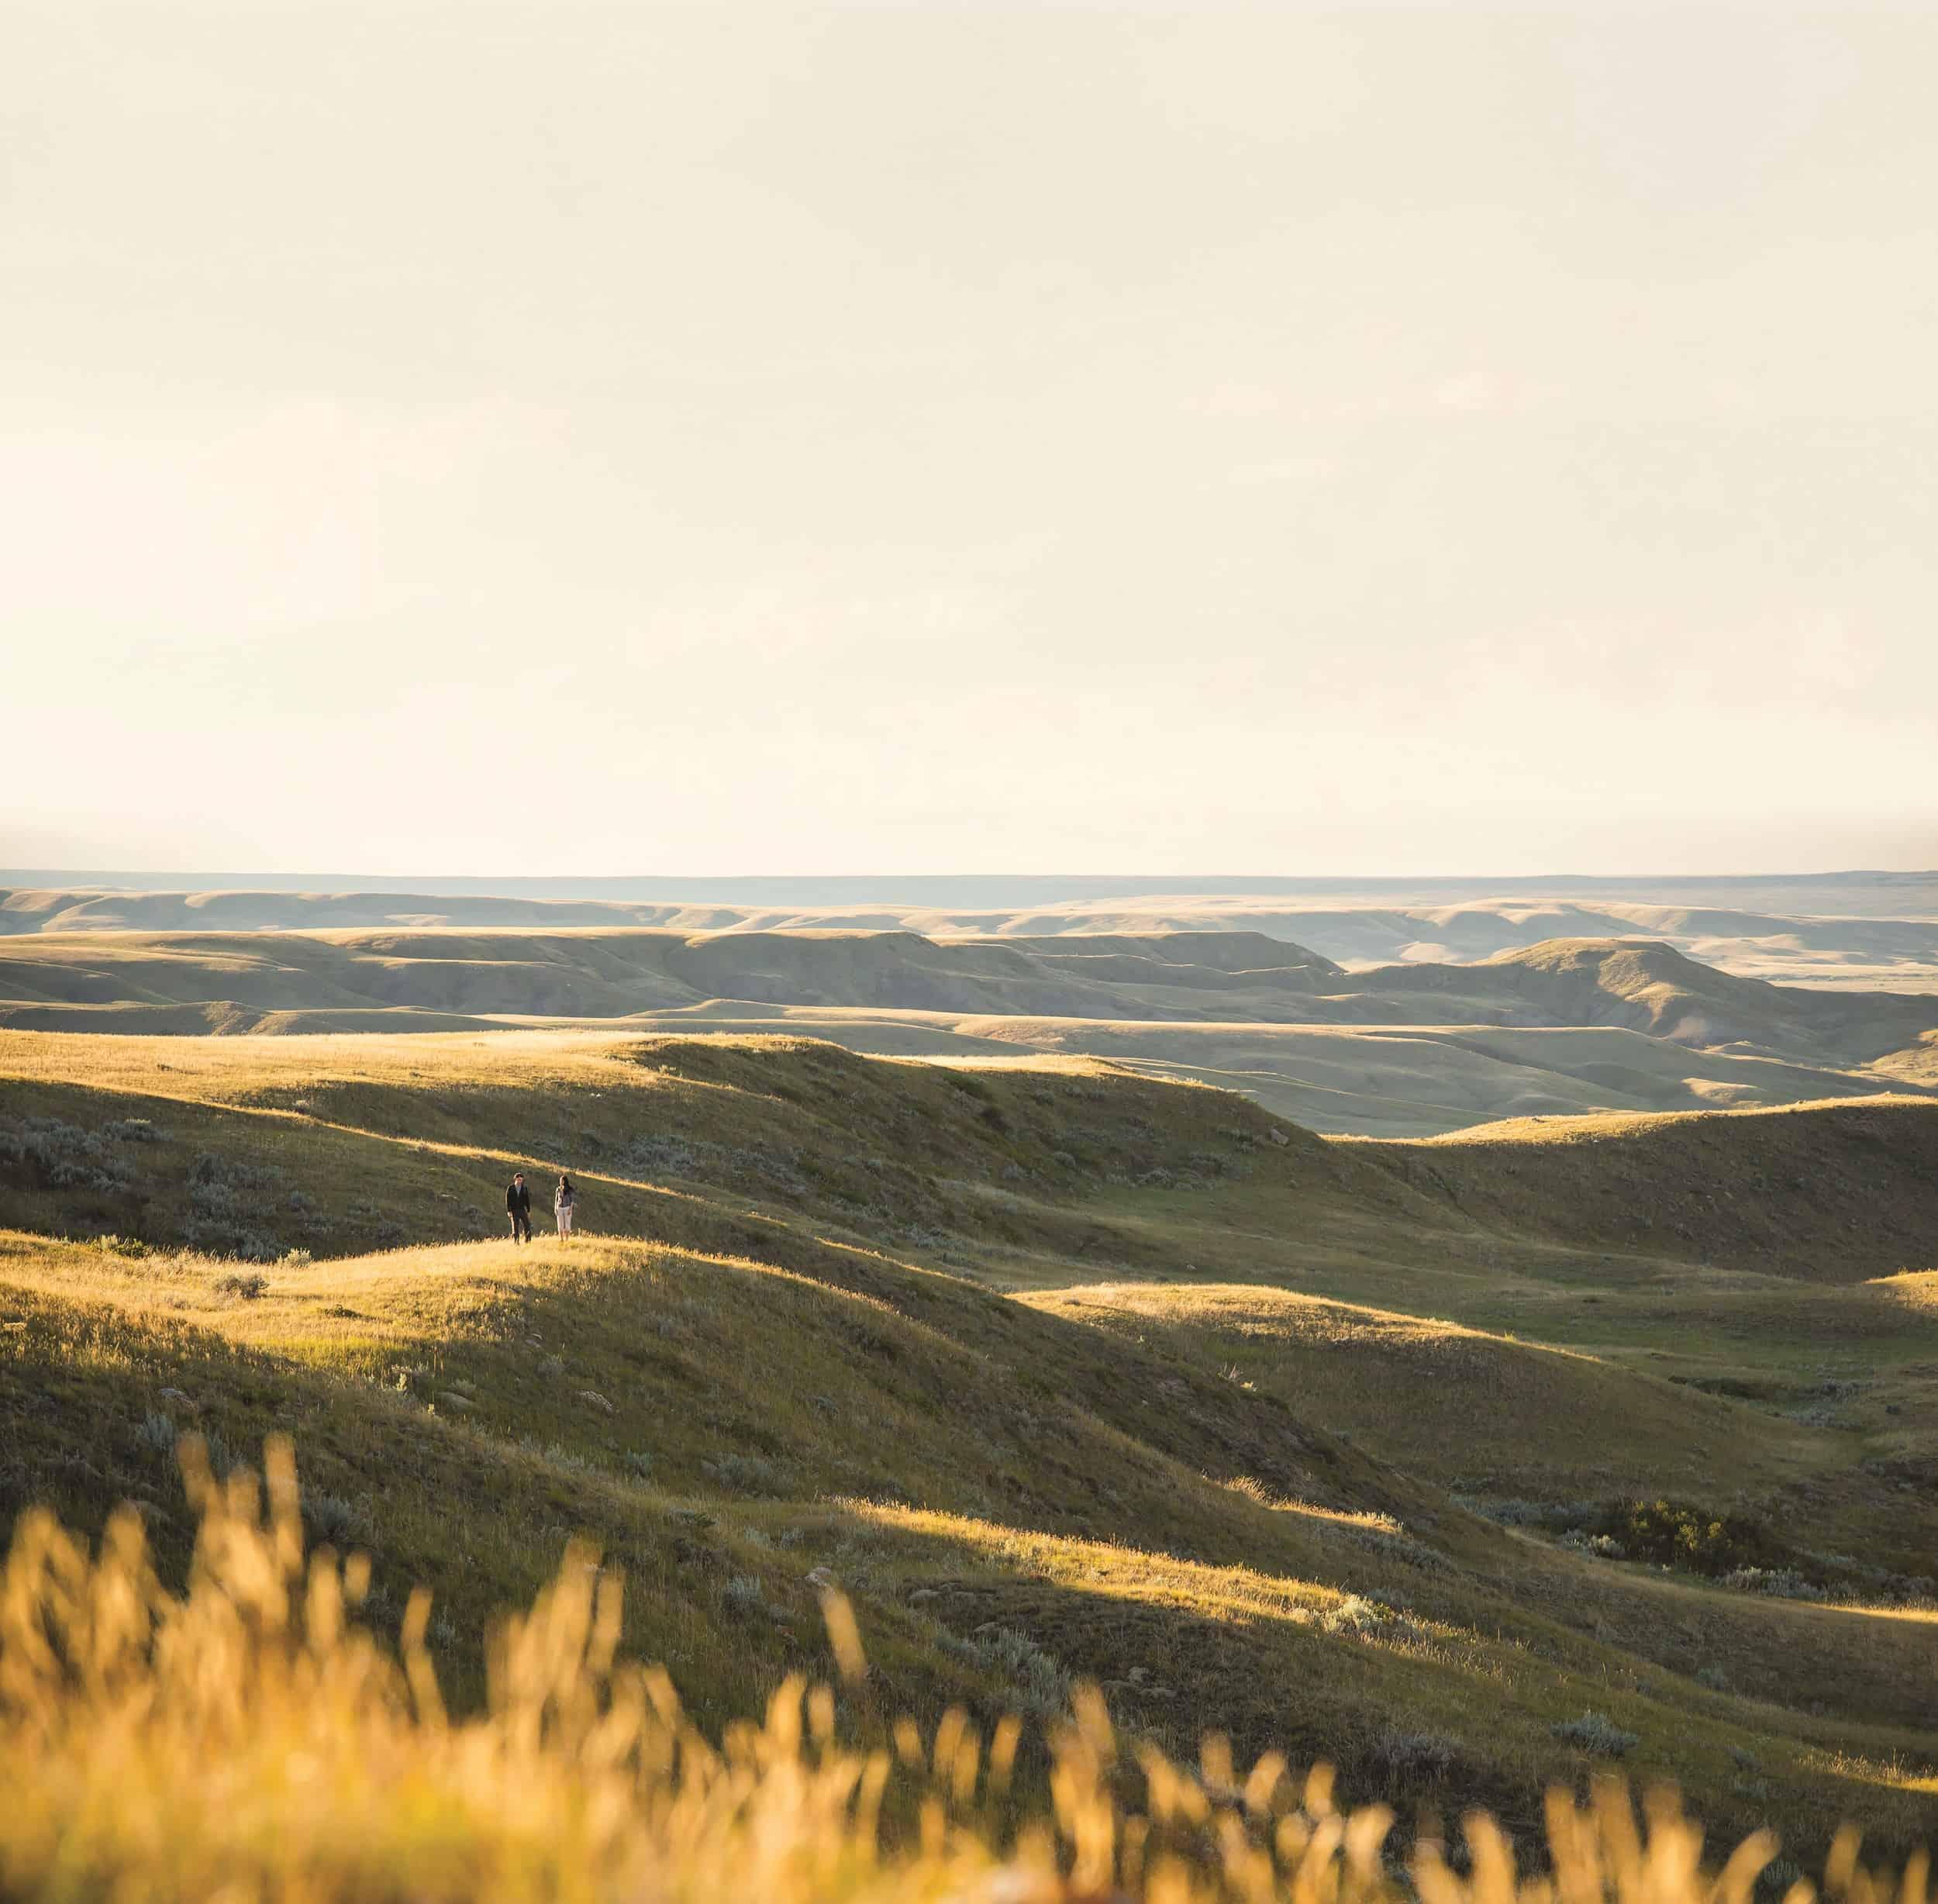 Bison, Bones and Buttes: Rediscovering Saskatchewan